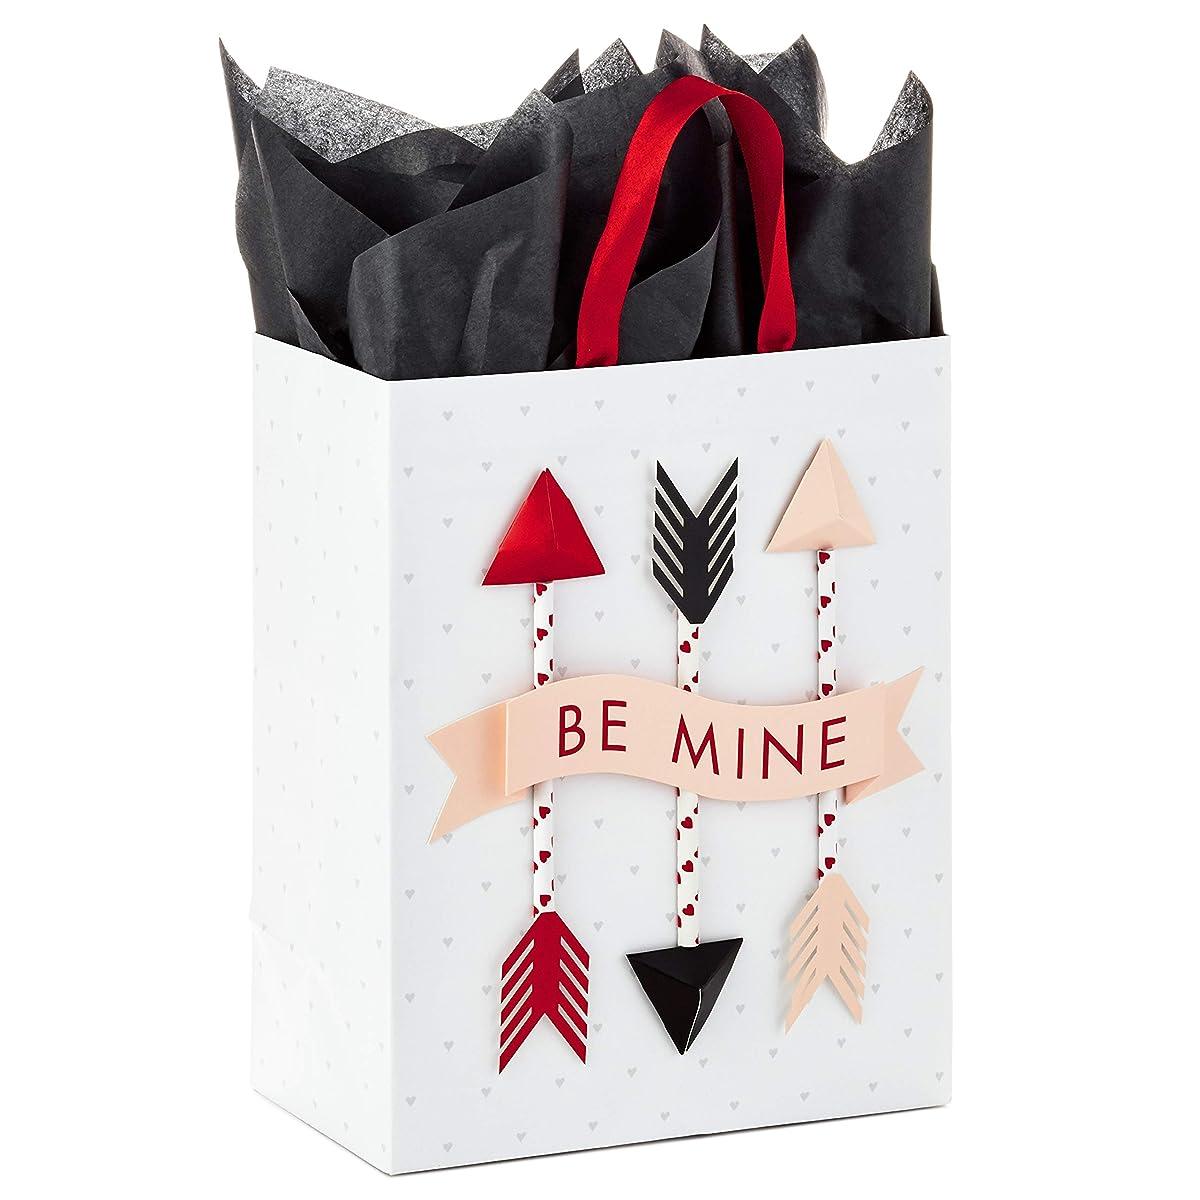 Hallmark Paper Wonder Medium Valentine's Day Gift Bag with Tissue Paper (Be Mine Arrows)